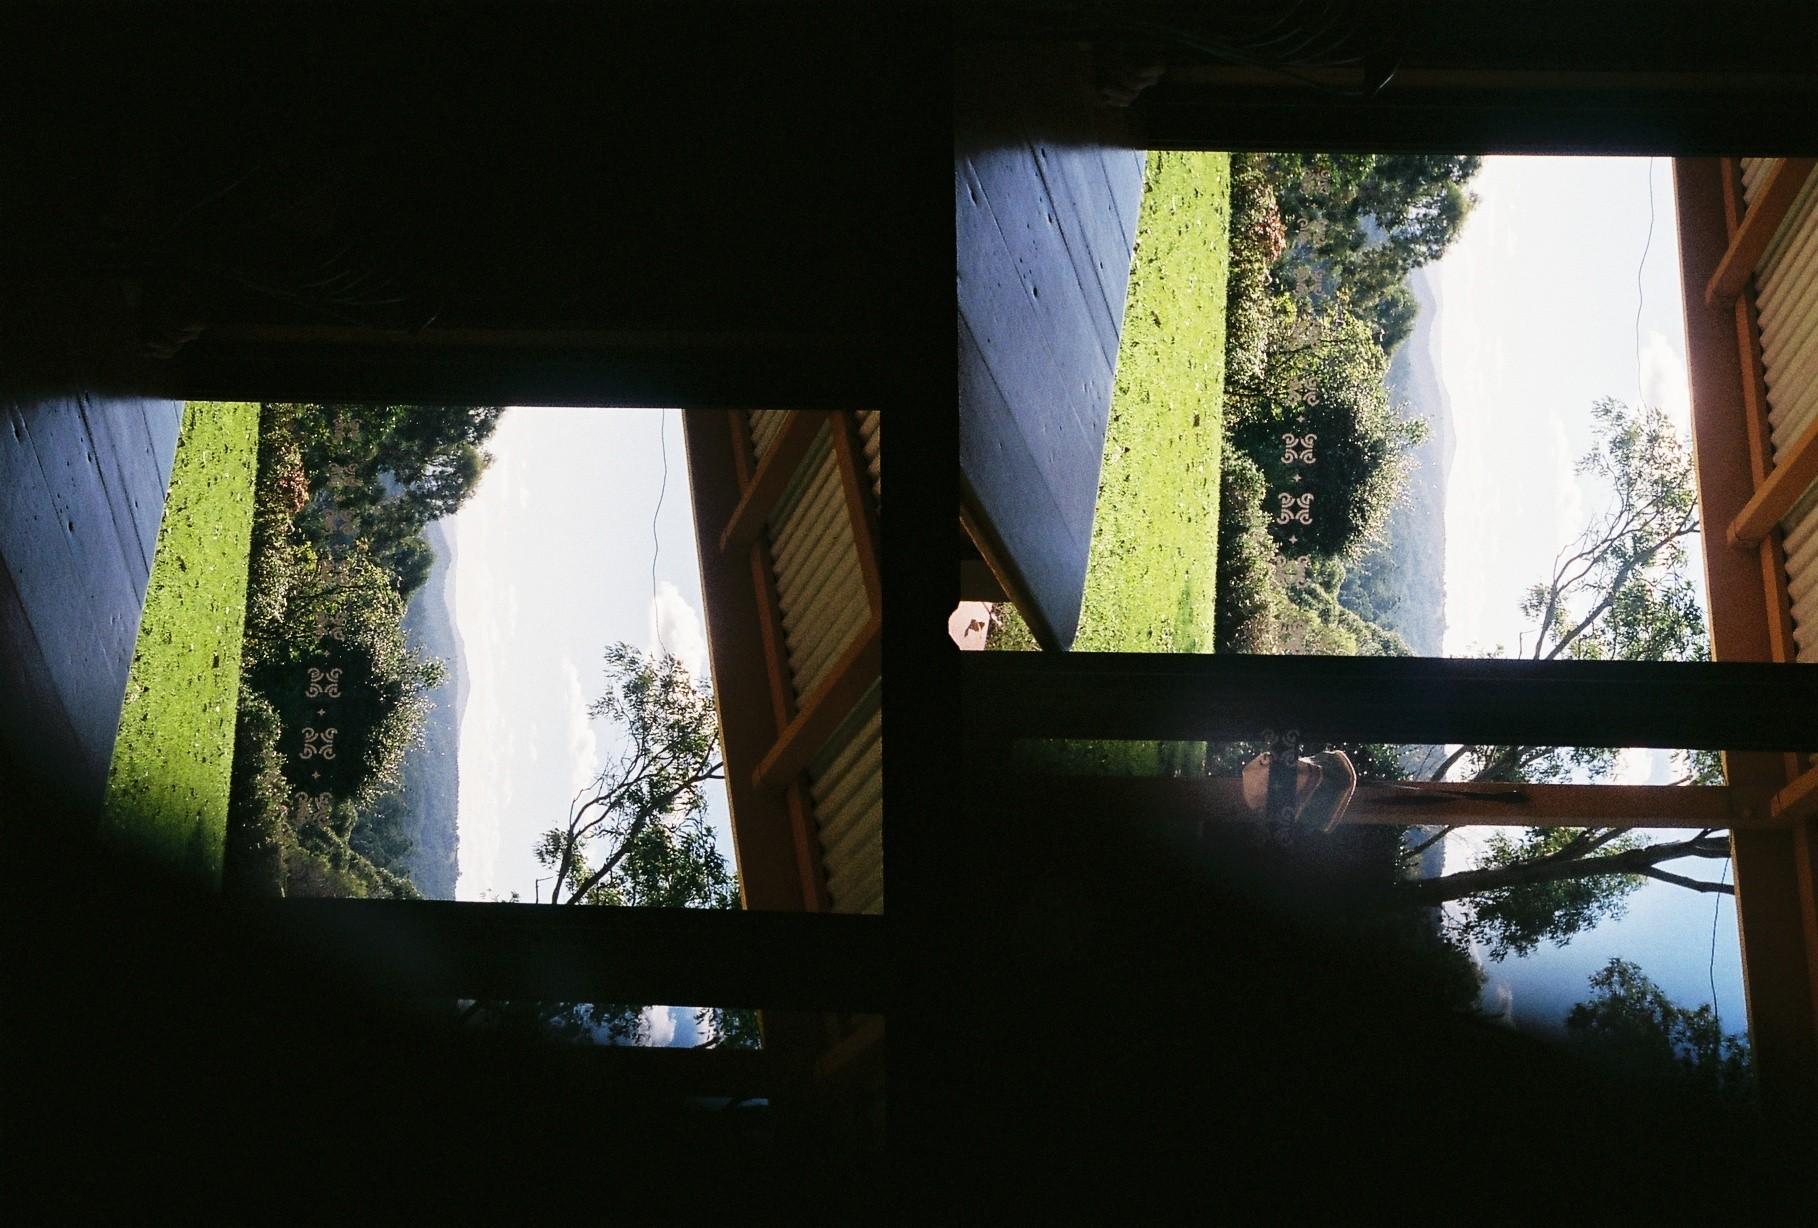 Maleny 2012 - GFilm #9